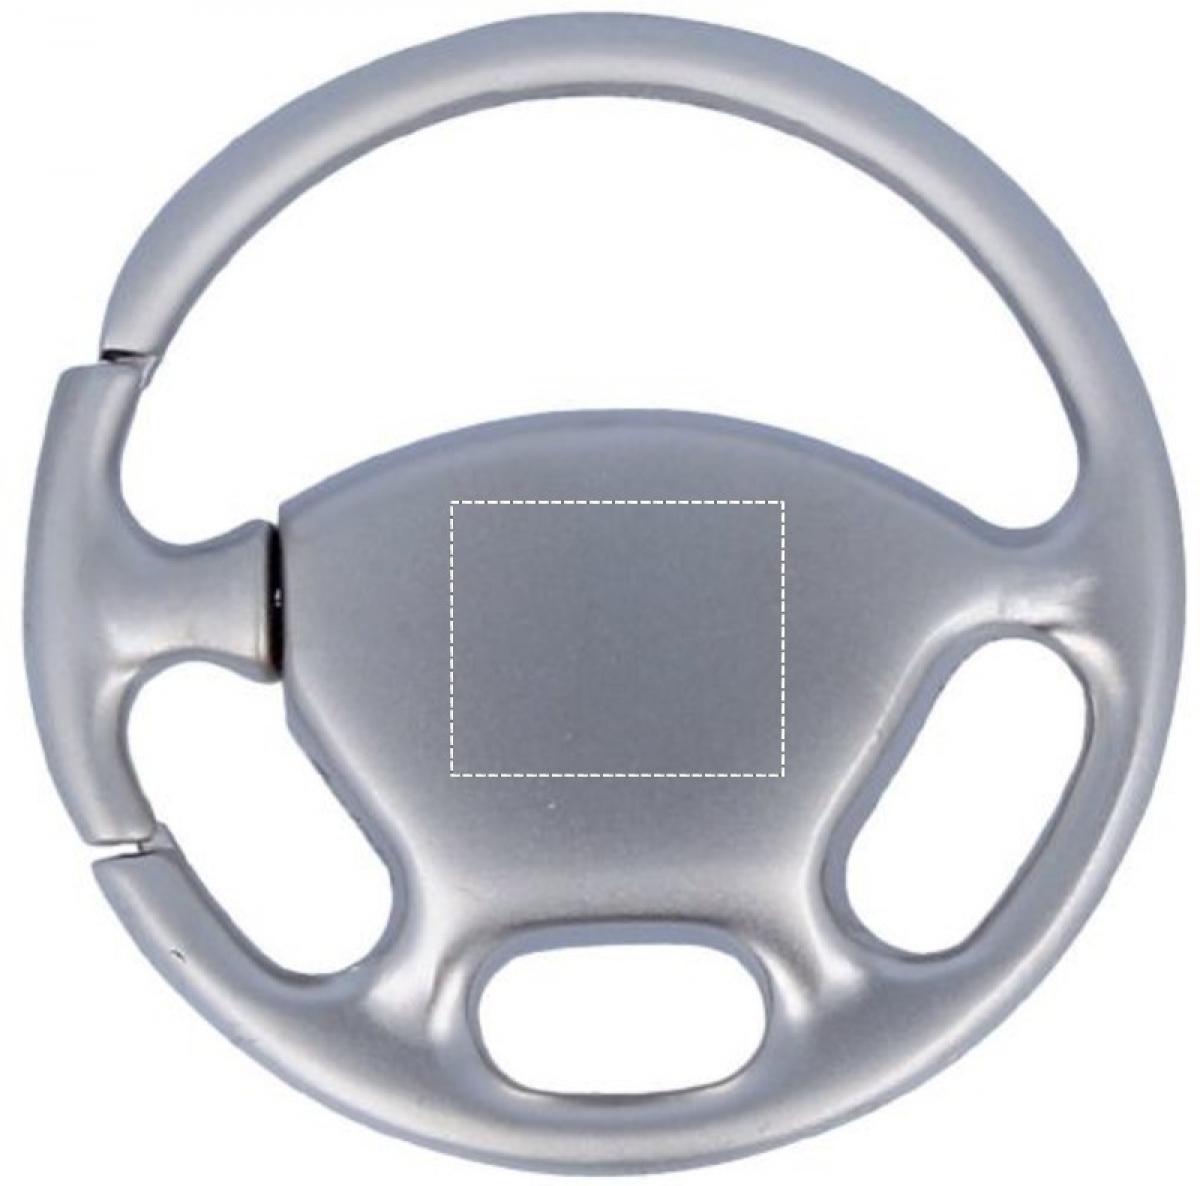 Sleutelhanger stuurwiel - Front